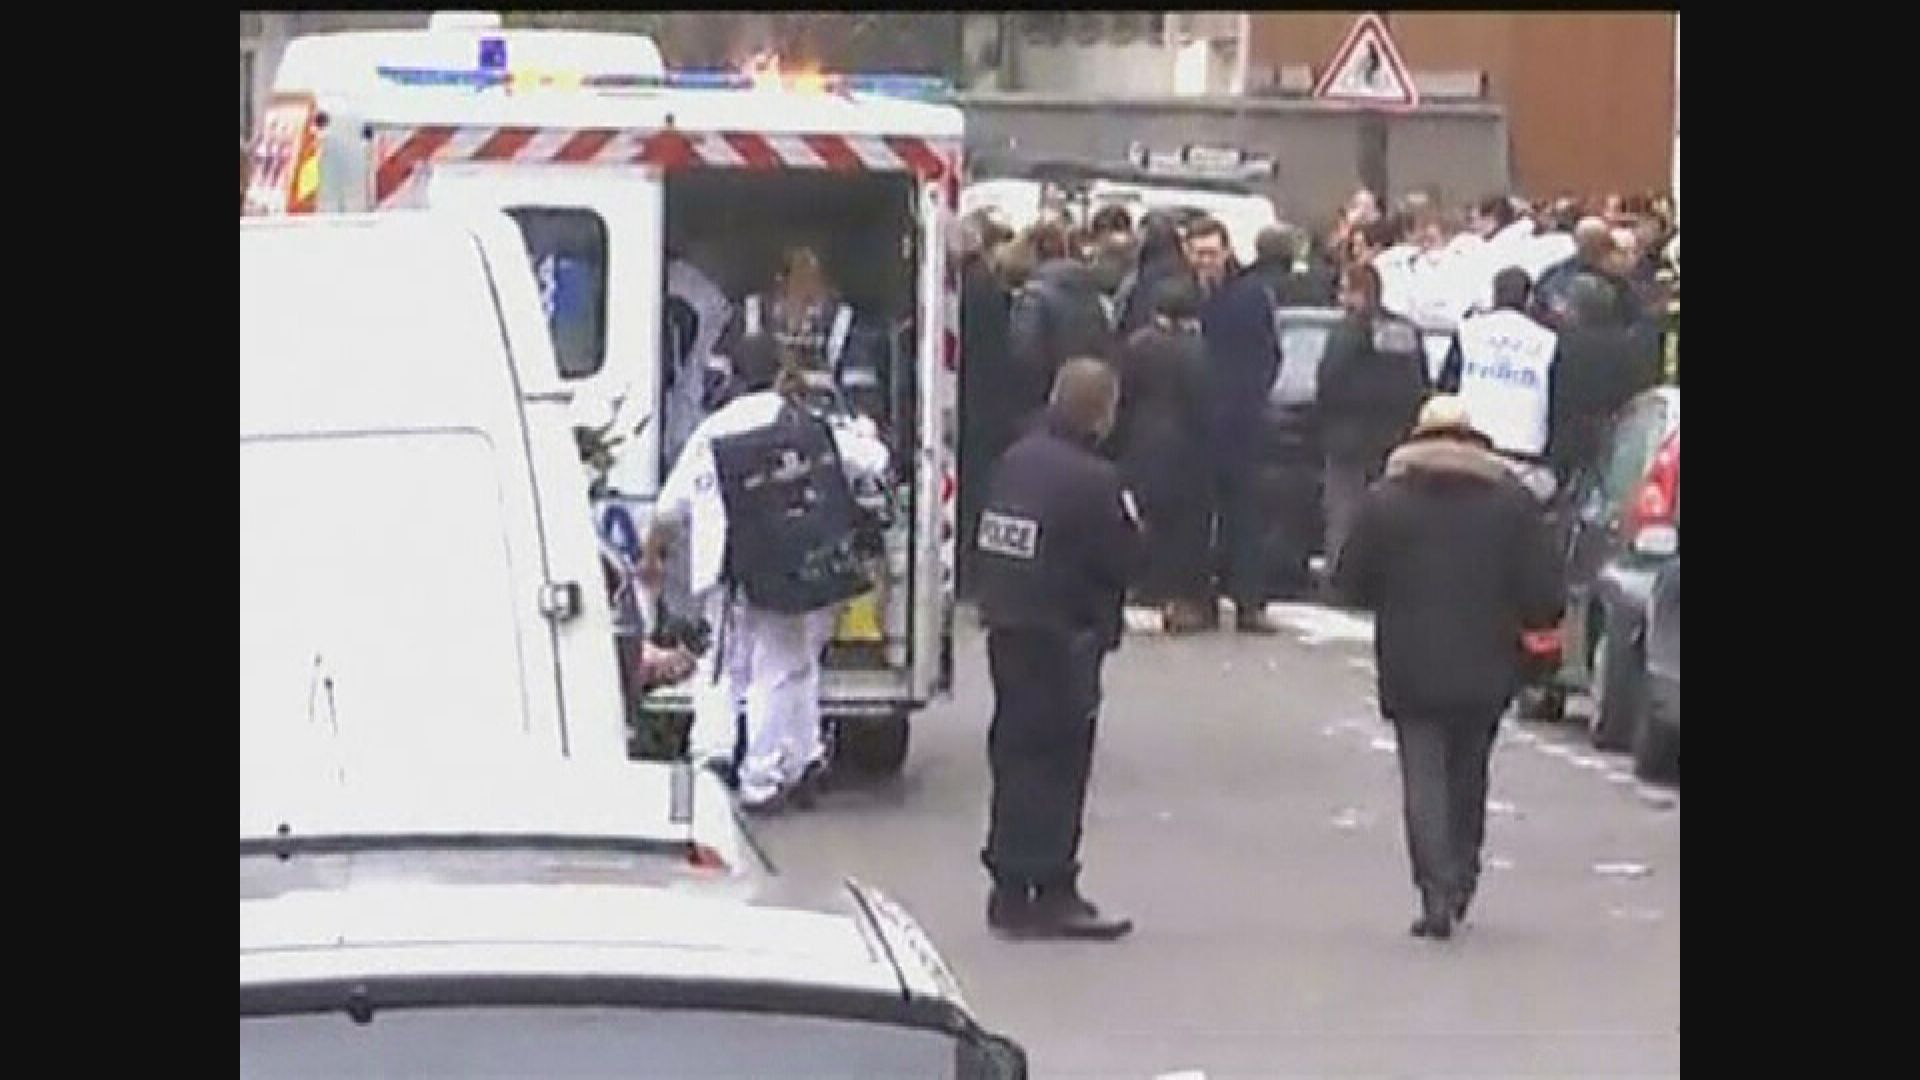 法國查理周刊恐襲案 十四名疑犯全部罪成判監